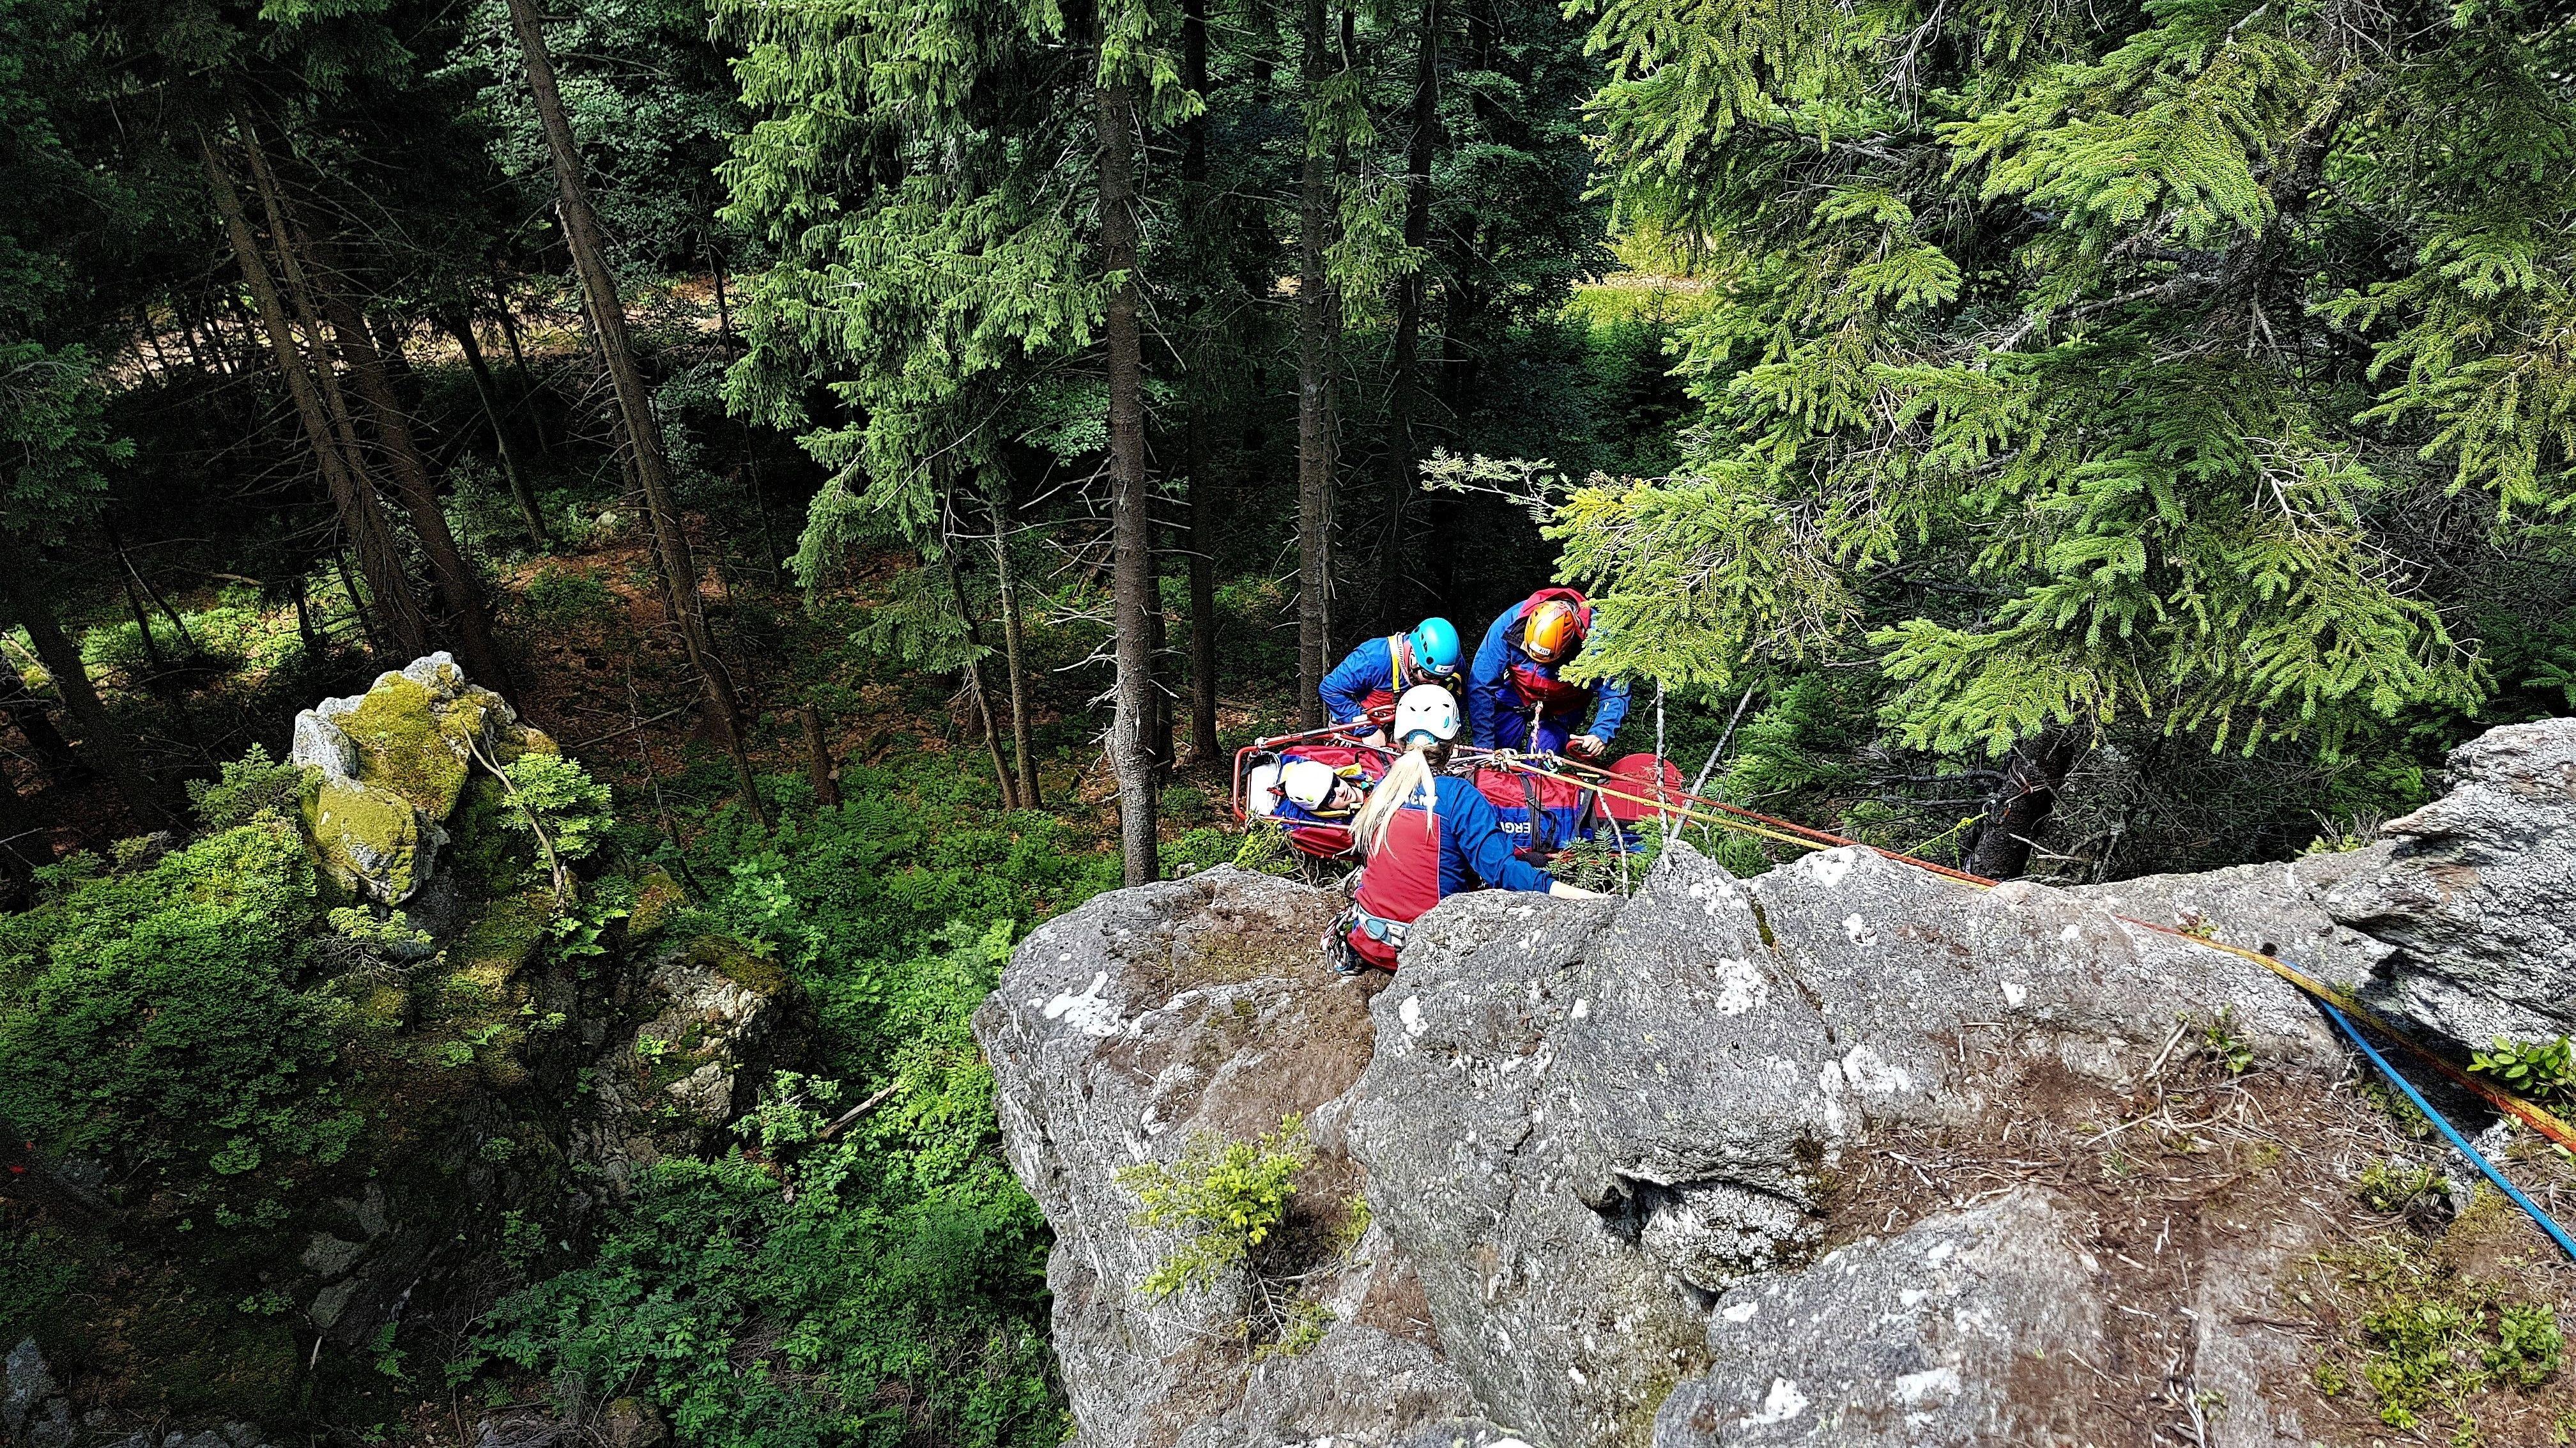 Von 891 Einsätzen 2018 entfallen 43 Prozent der Einsätze auf den Sommer: Wandern, Mountainbiken, Sucheinsätze, Forstunfälle.